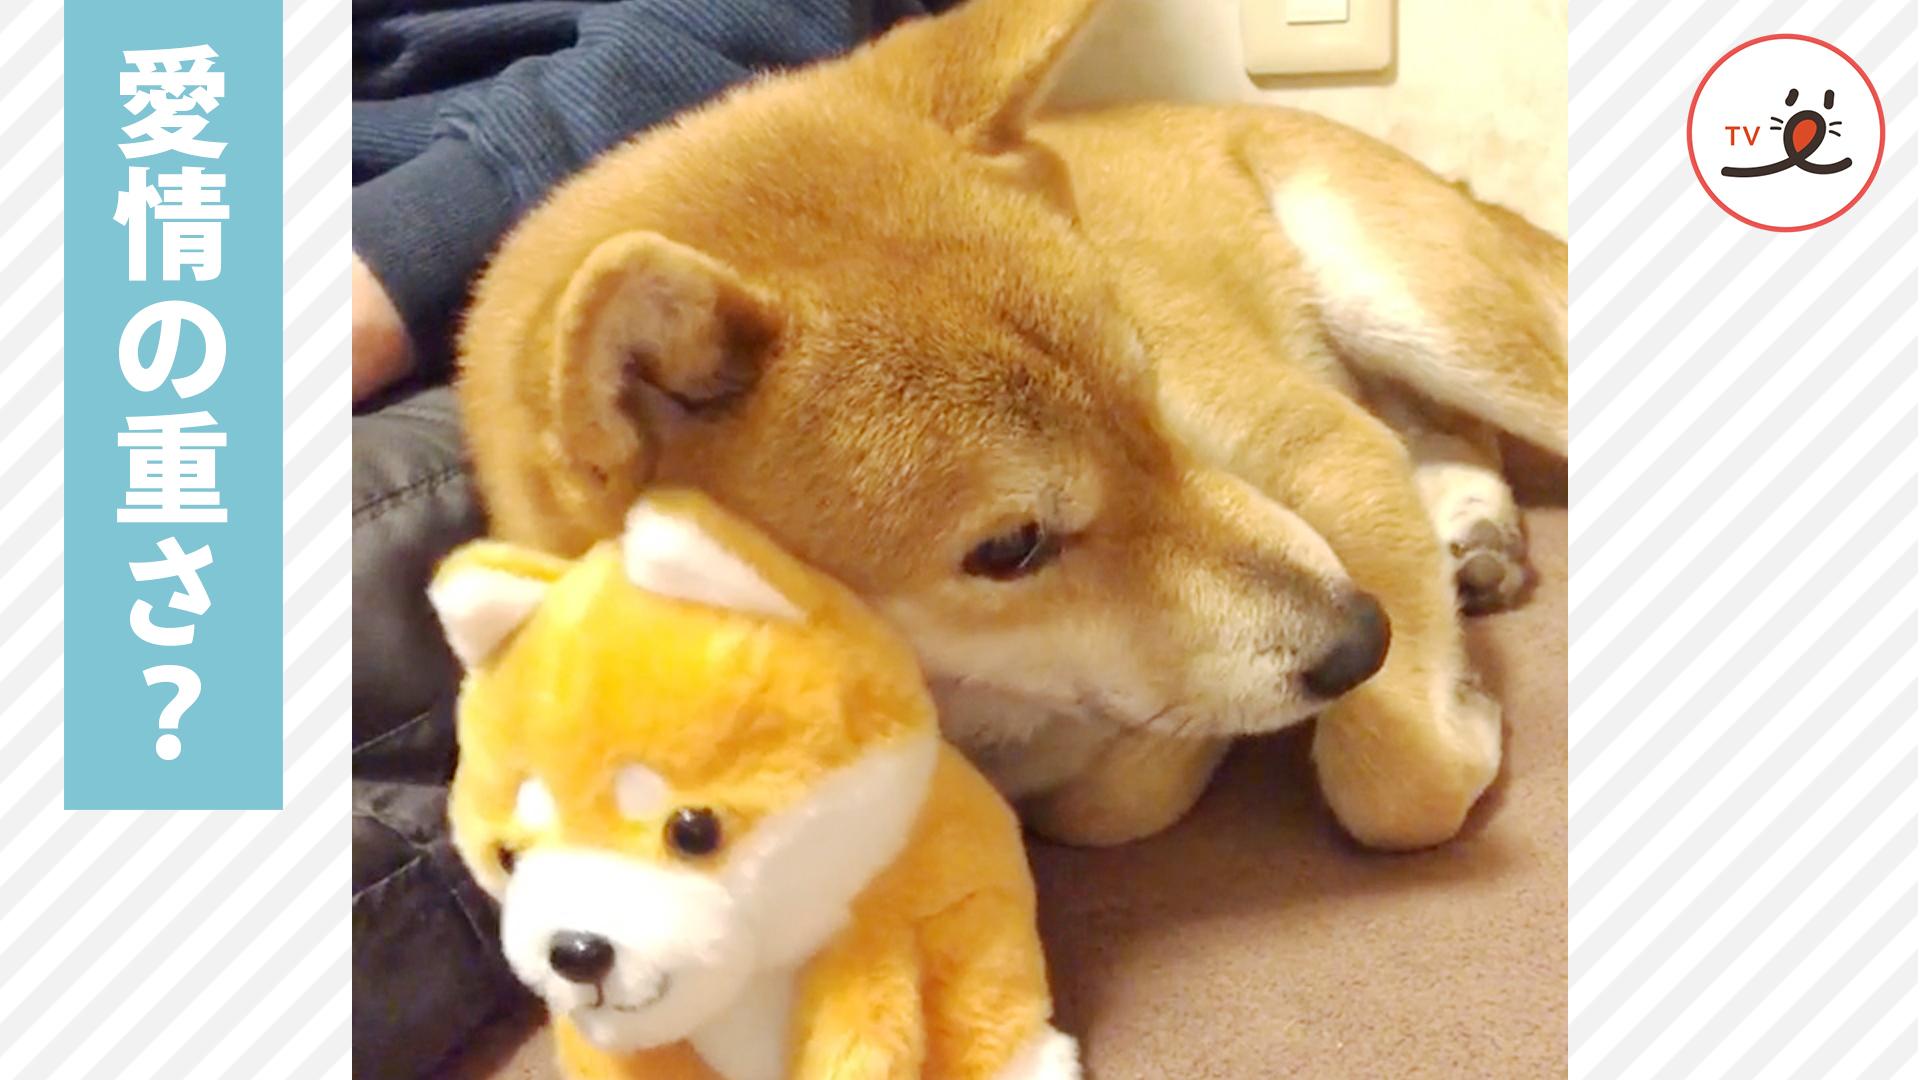 オモチャのワンコに甘える柴犬がカワイイ😍🐕